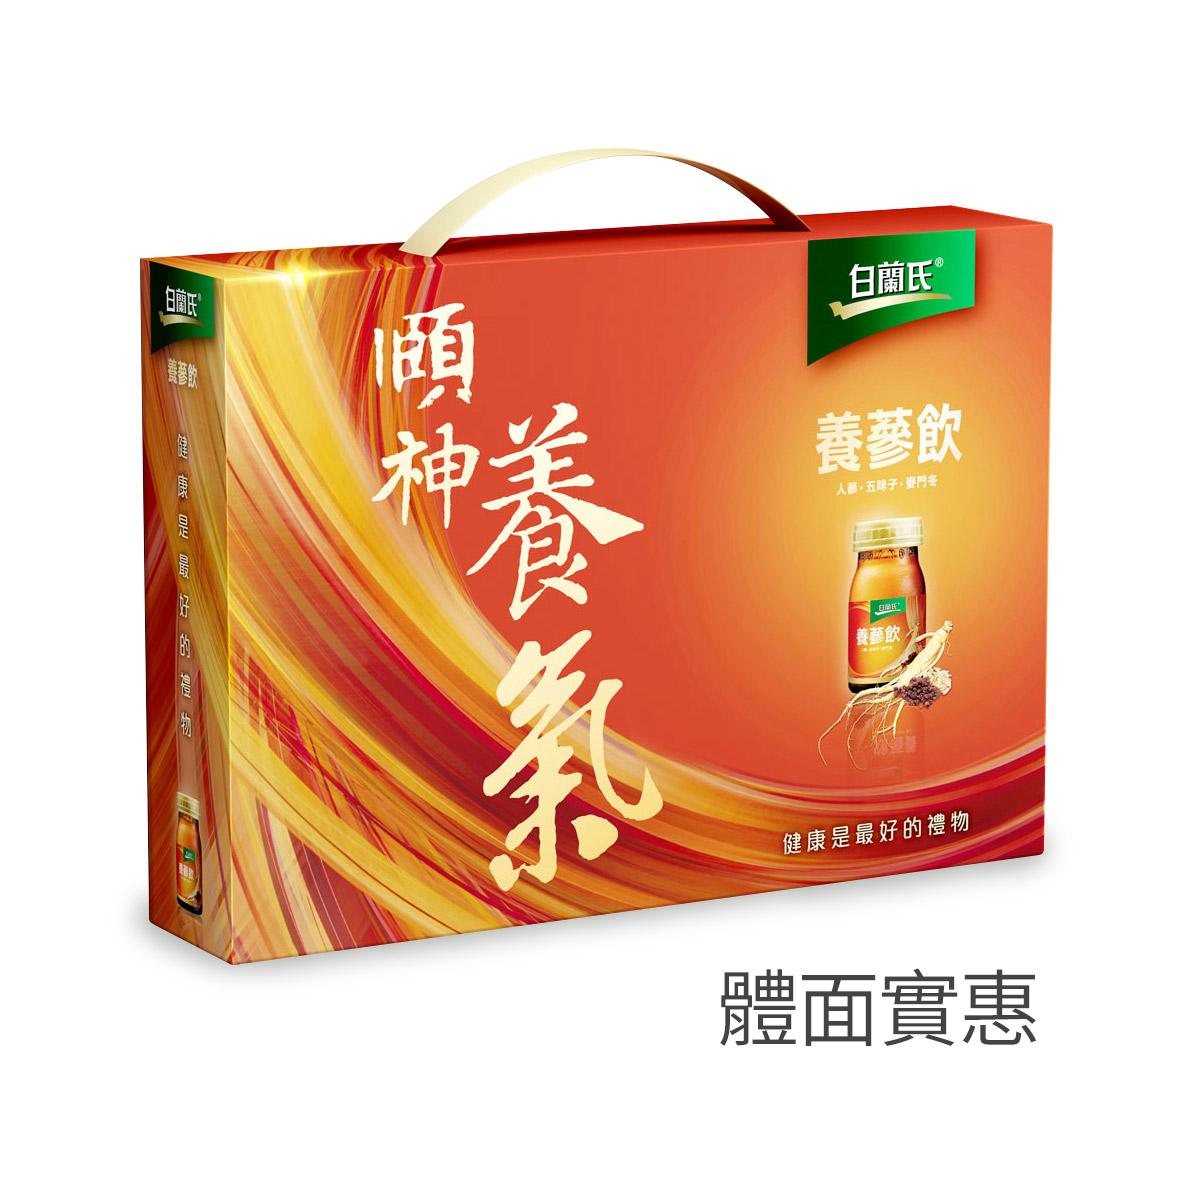 【珍貴人蔘精華 送禮最顯誠意】白蘭氏養蔘飲 60mlx8瓶禮盒